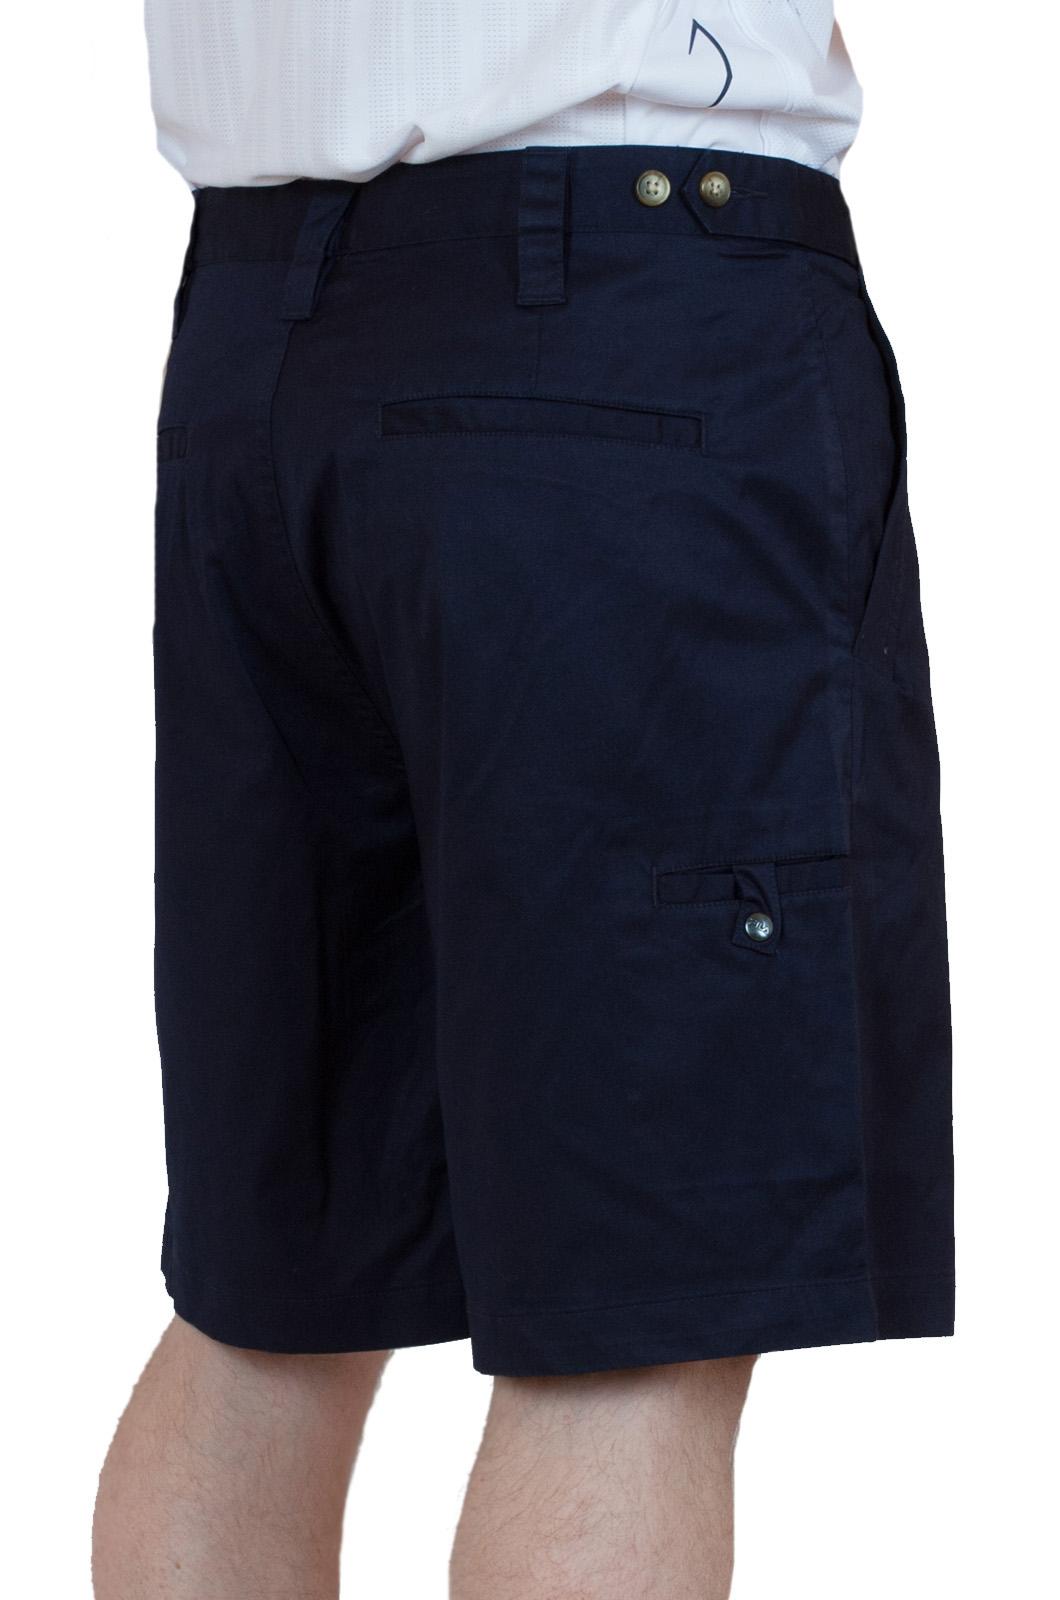 Темно-синие хлопковые шорты для мужчин - вид сзади